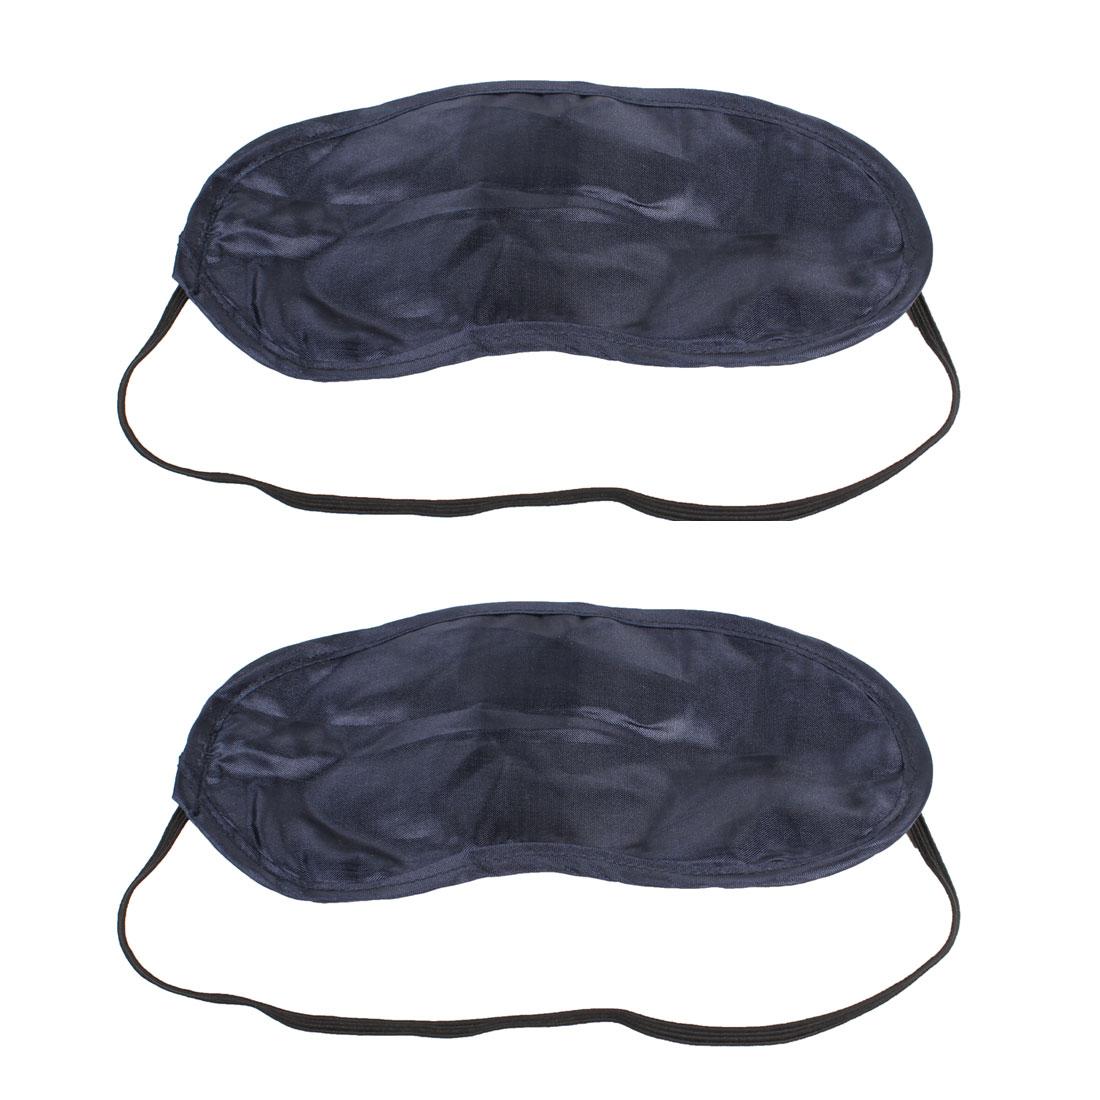 Traveling Black Nylon Sleeping Mask Eye Cover Eyeshade 2pcs